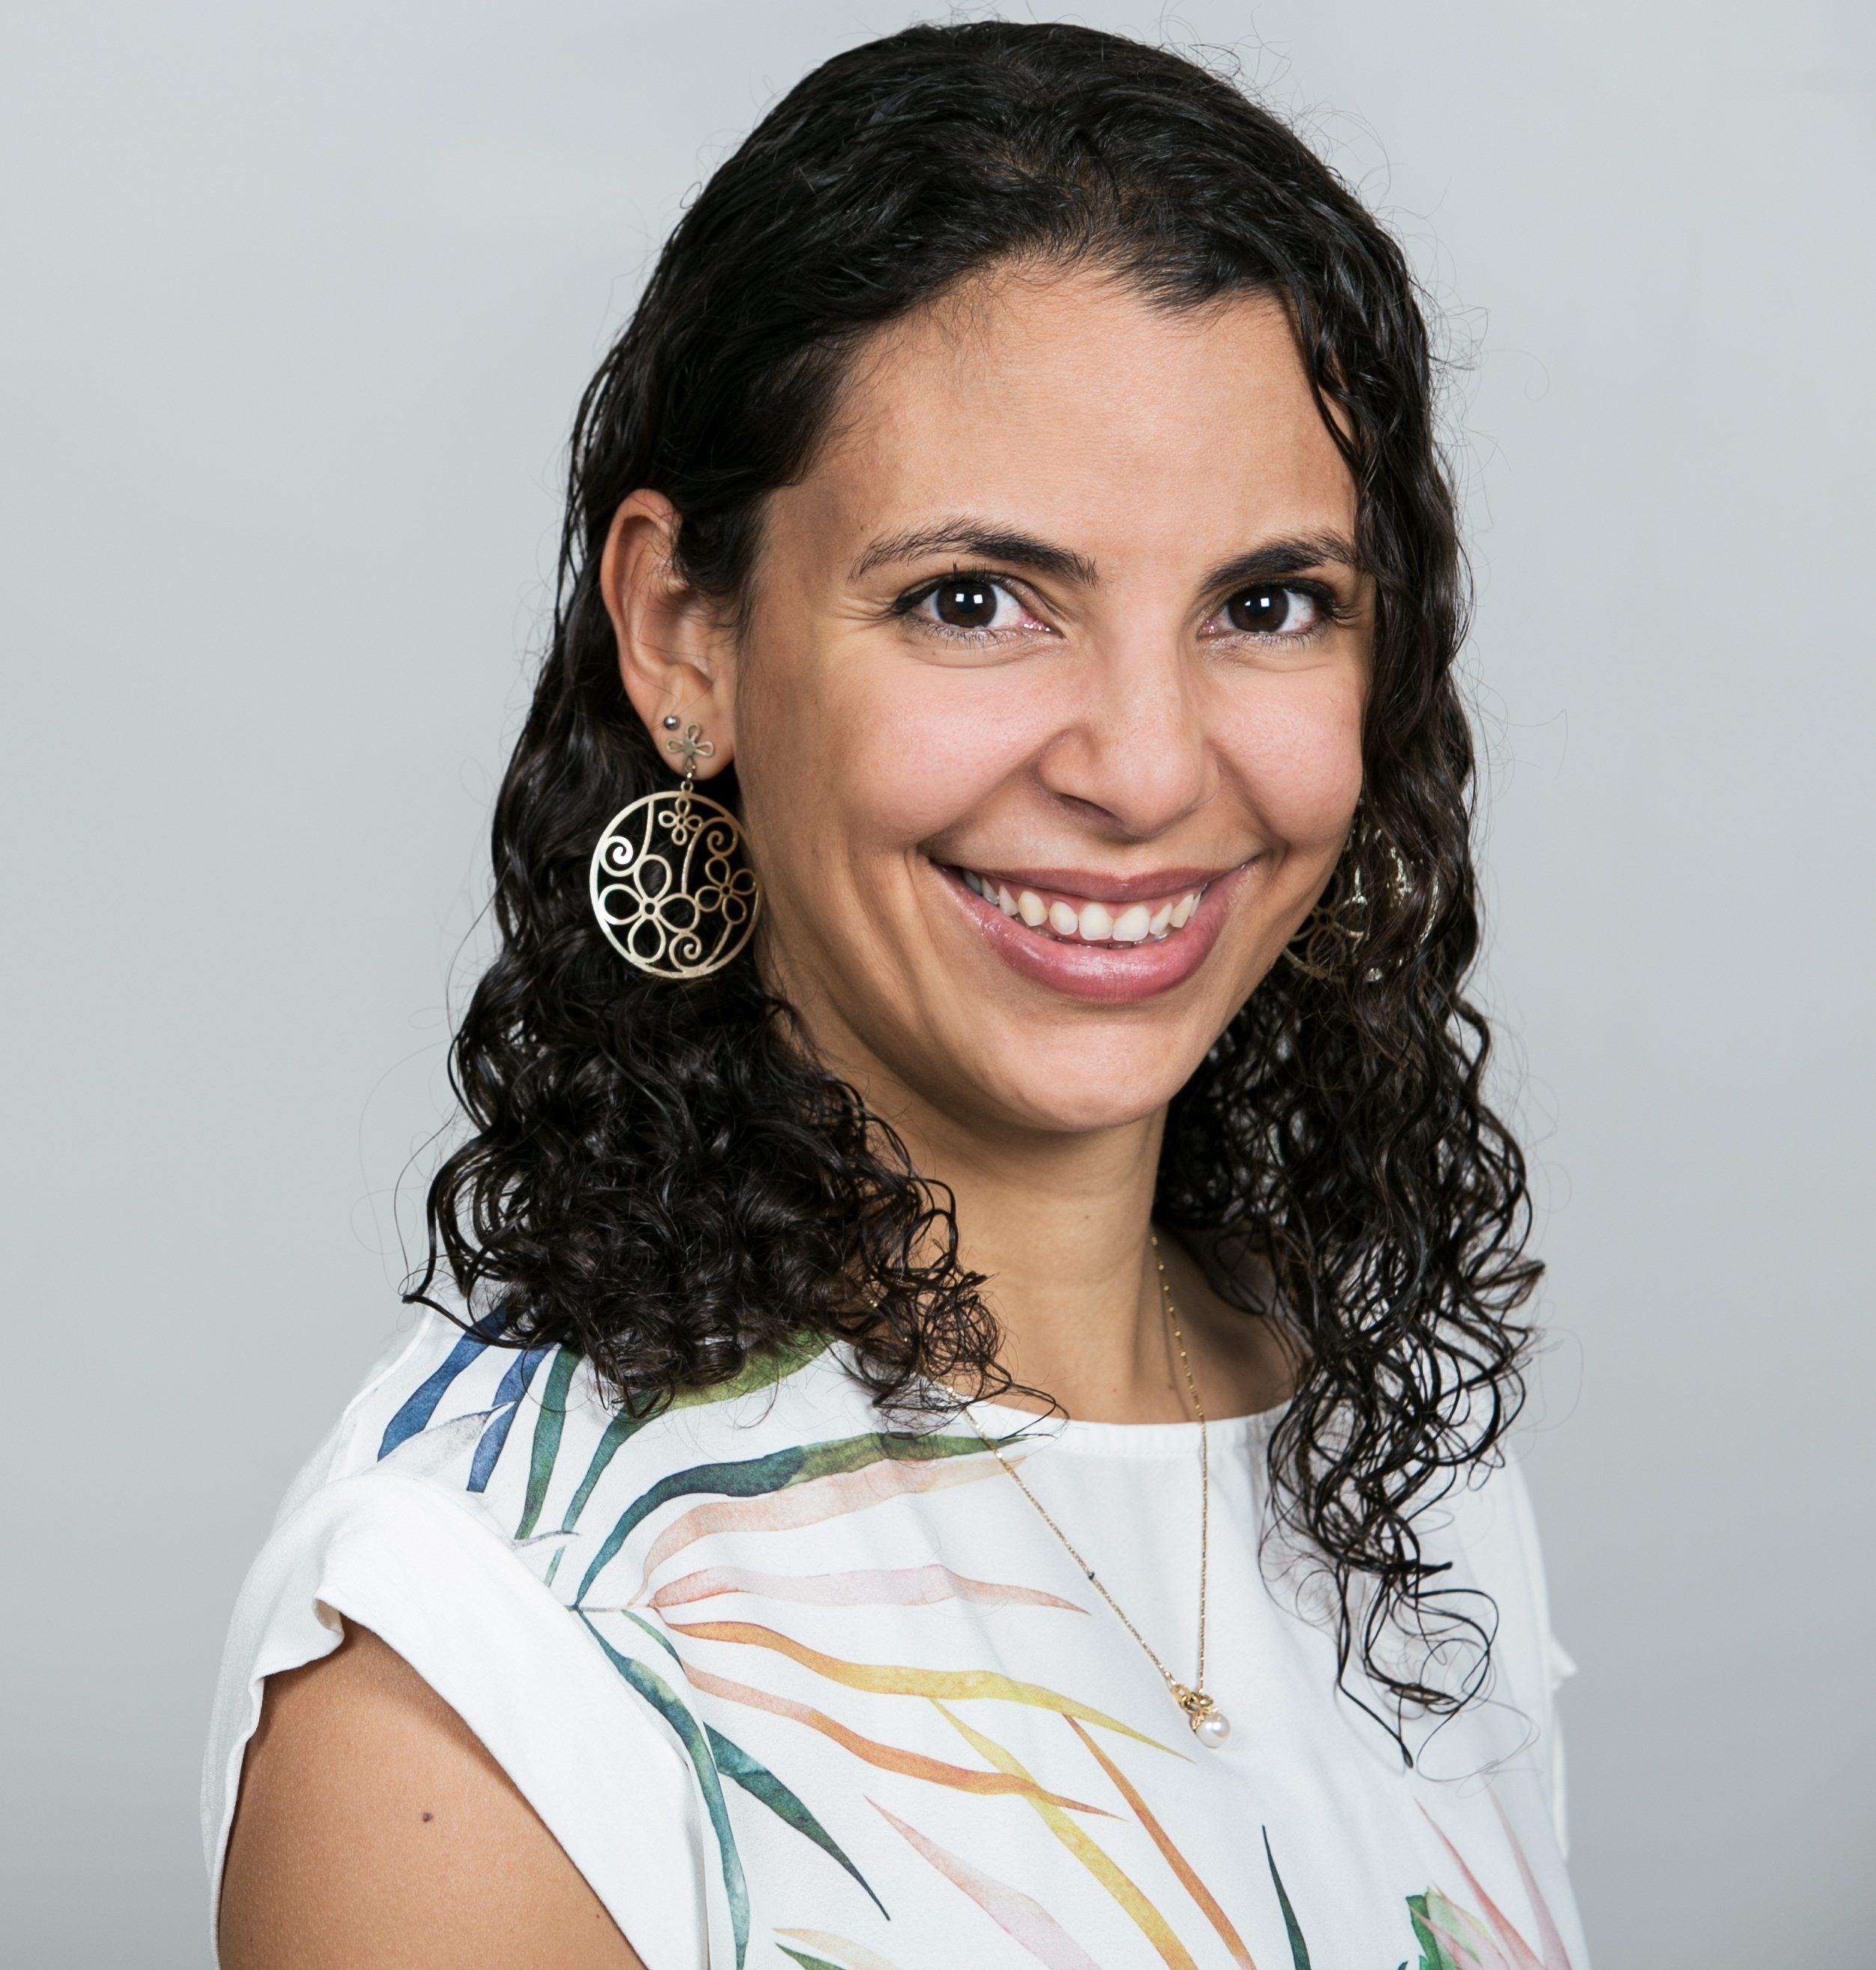 Ana Luiza Aranha , consultora da Transparência Internacional. Crédito: Divulgação/Transparência Internacional.